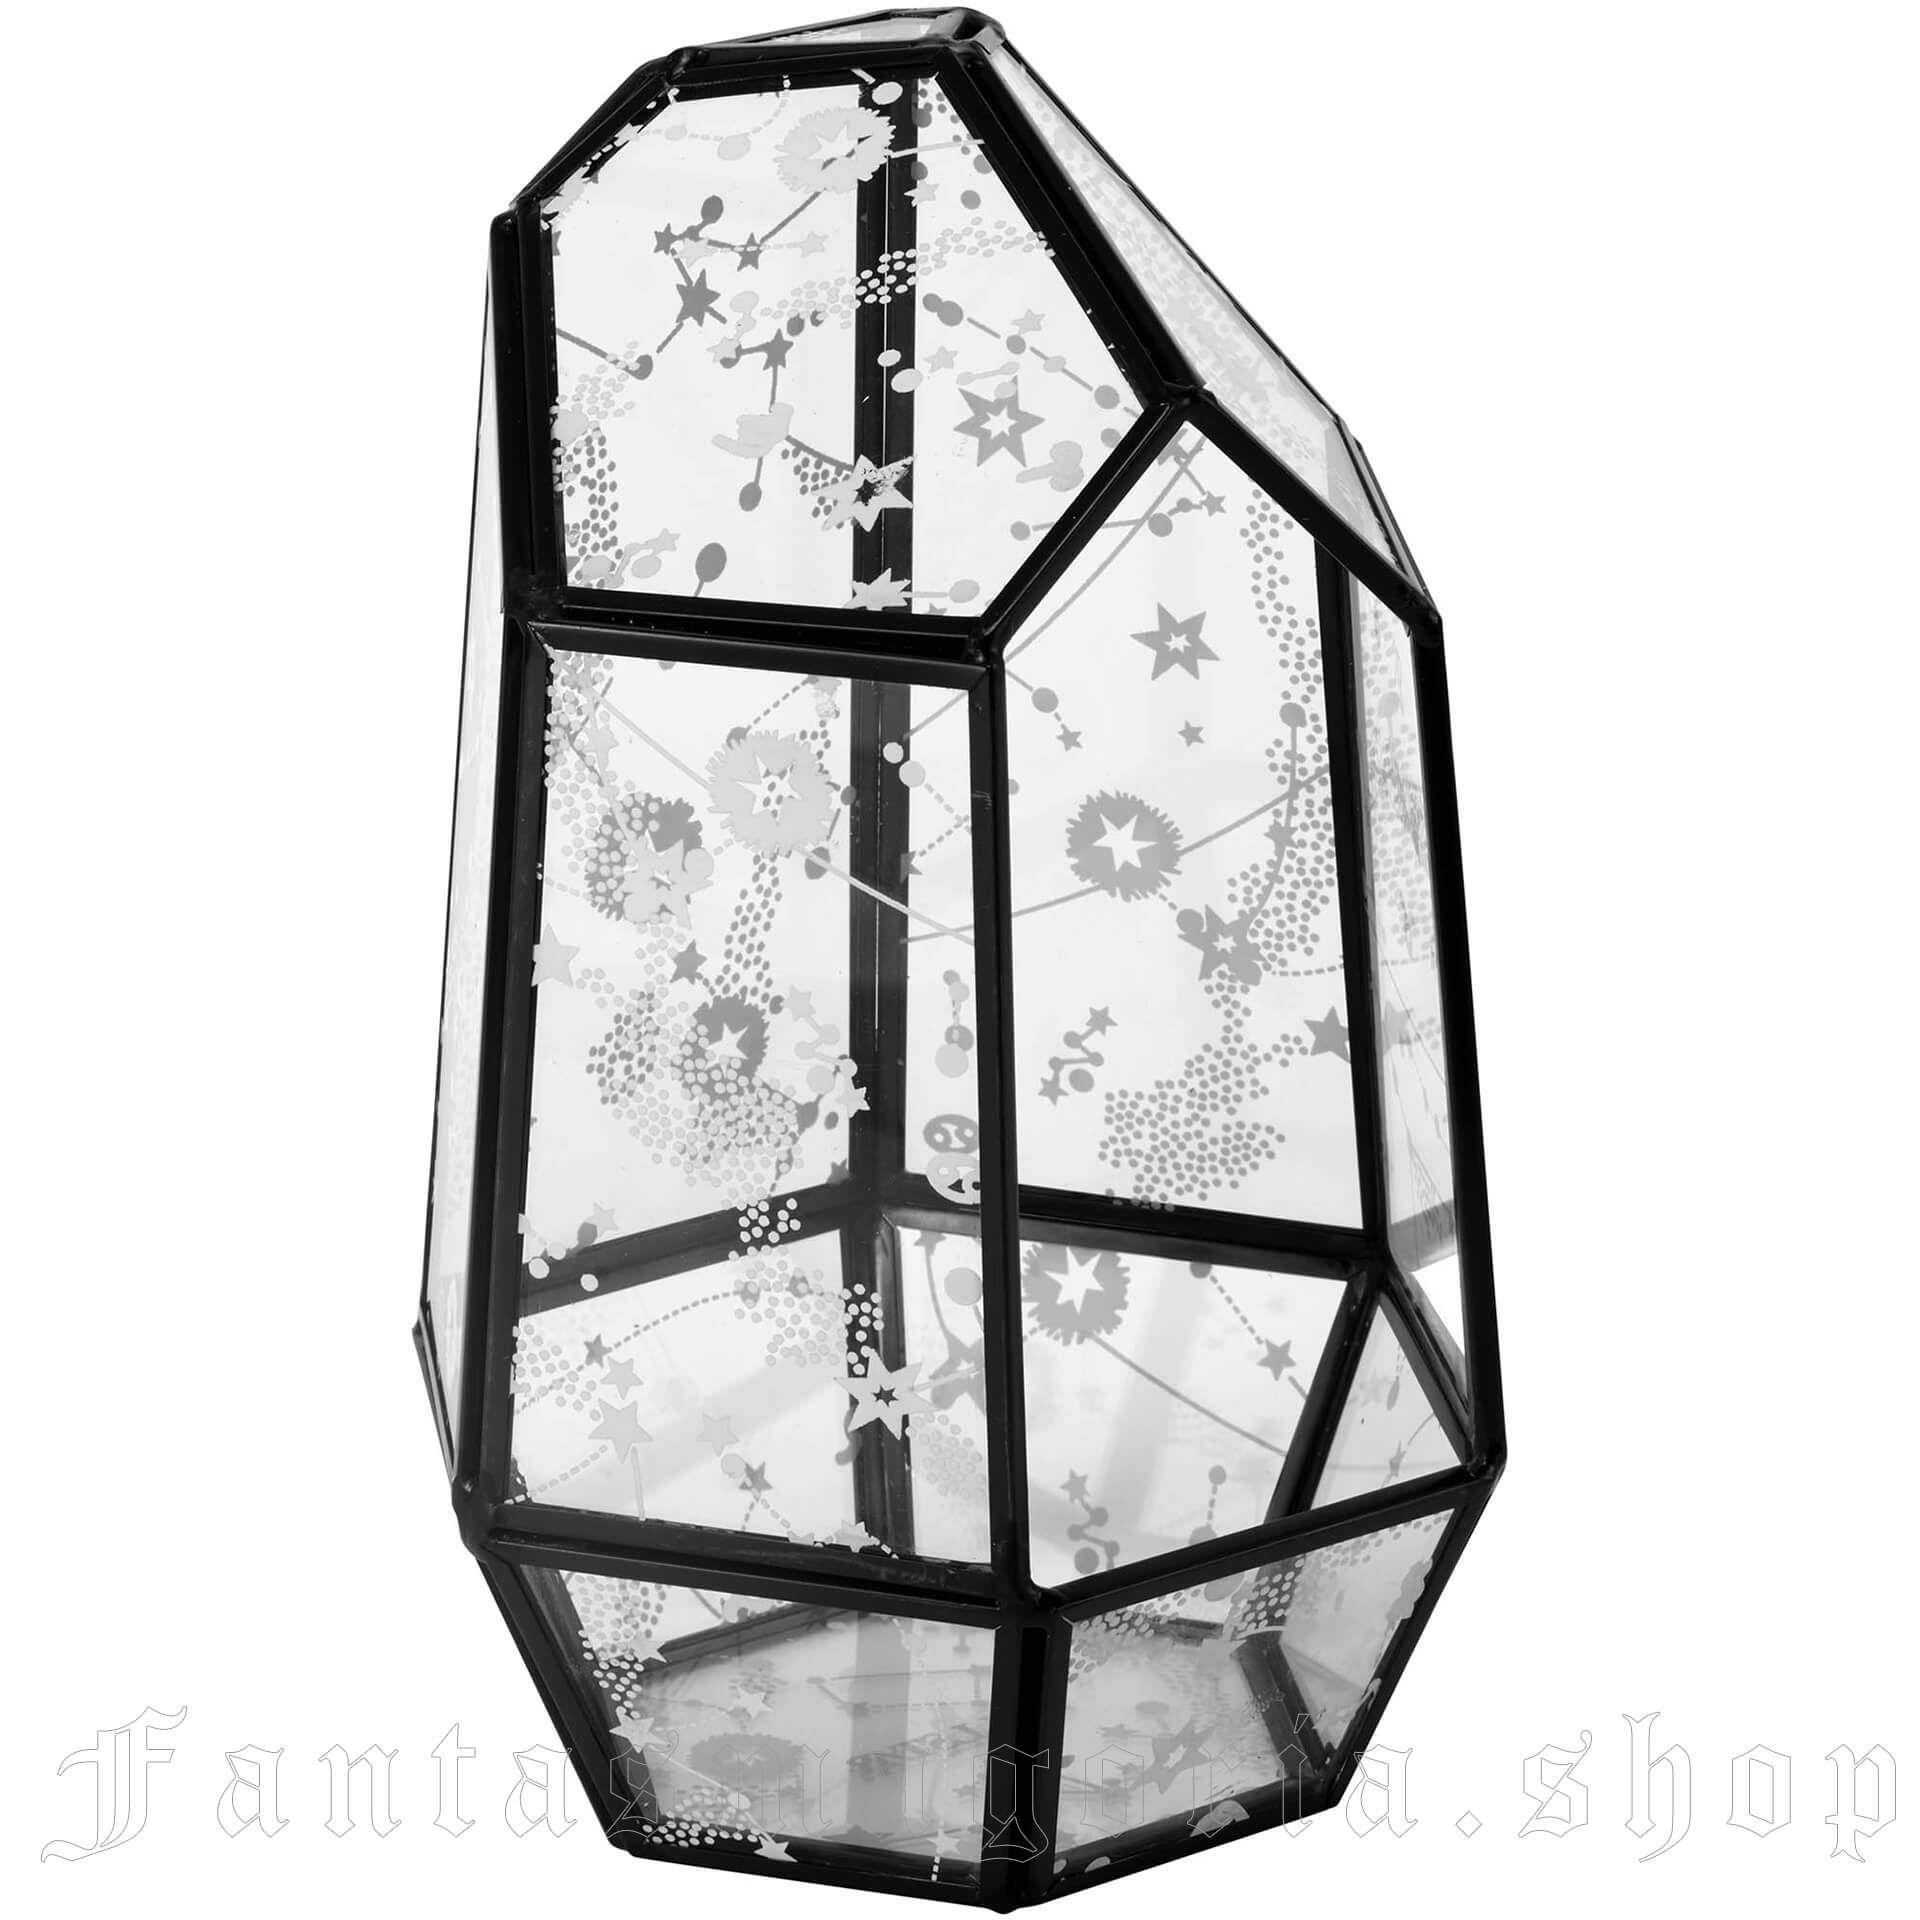 Crystalline Terrarium